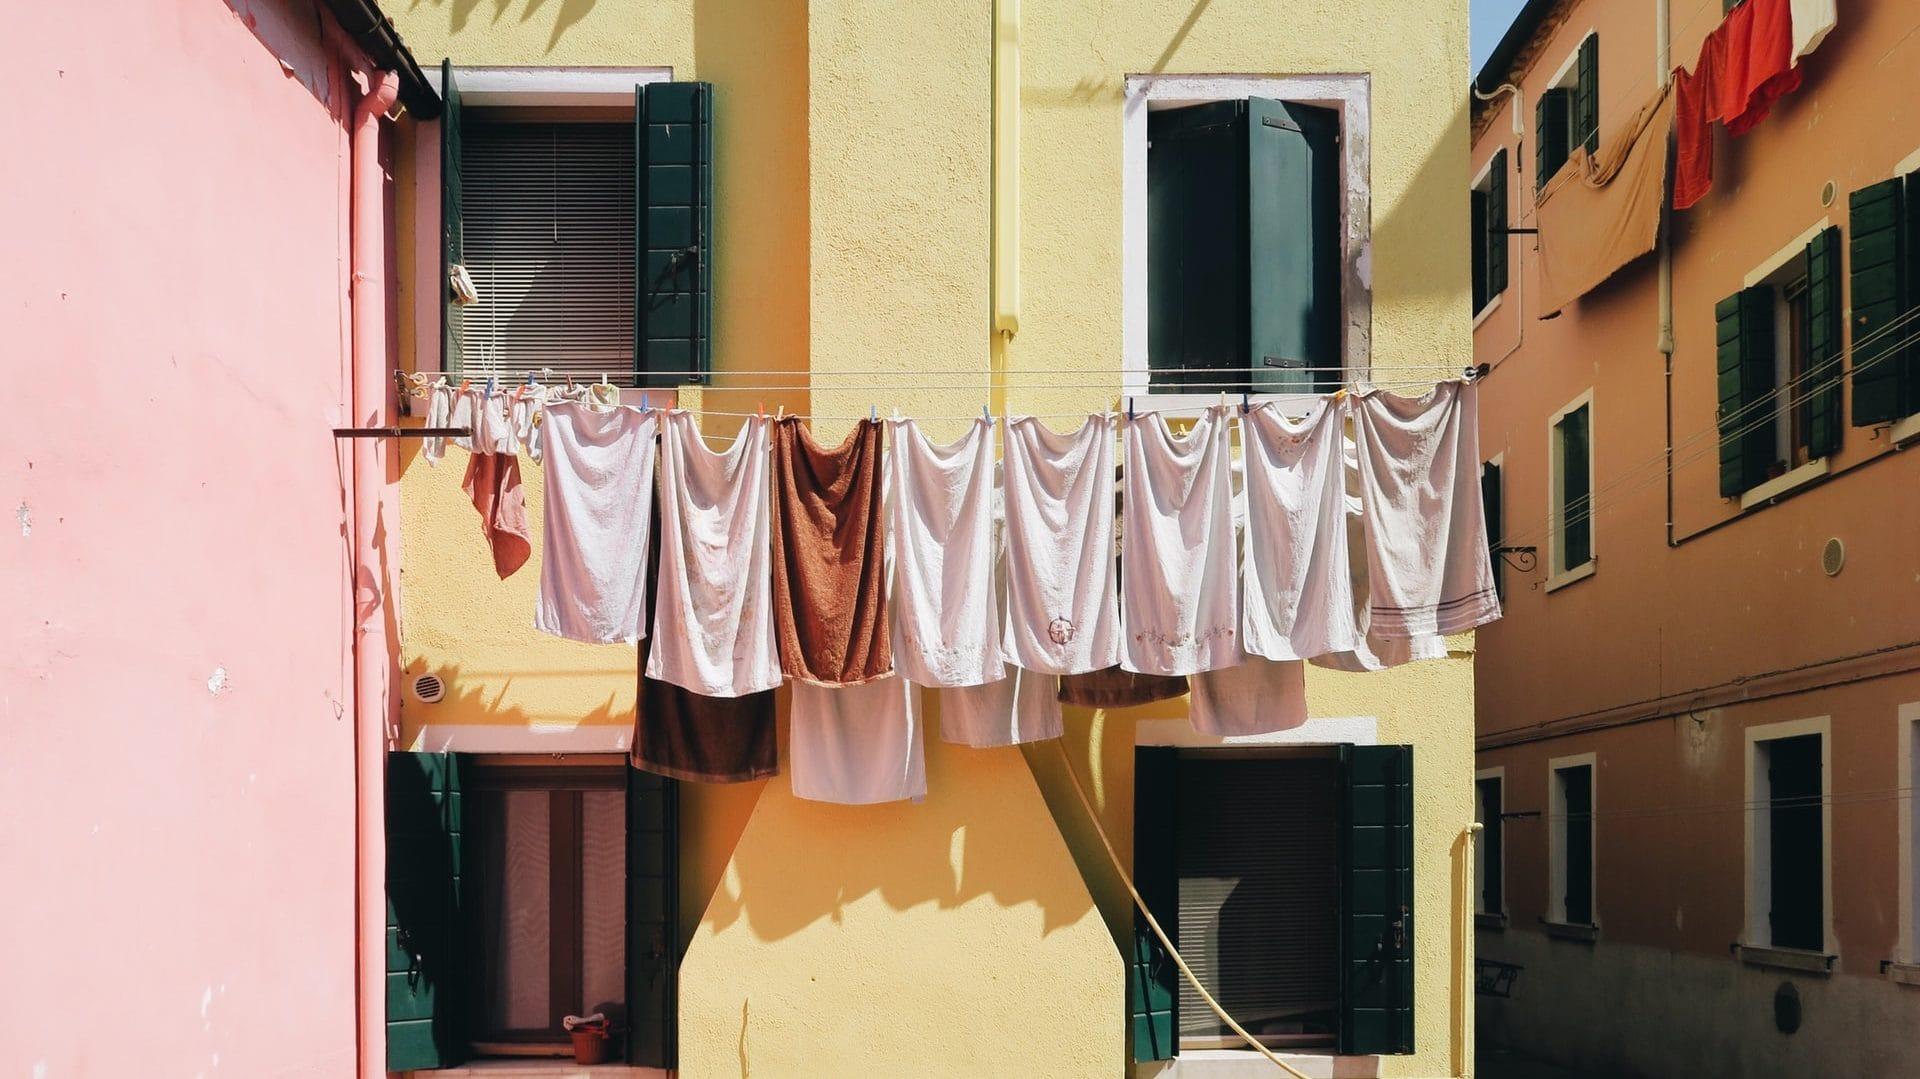 Handdoeken aan de drooglijn tussen kleurrijke gebouwen